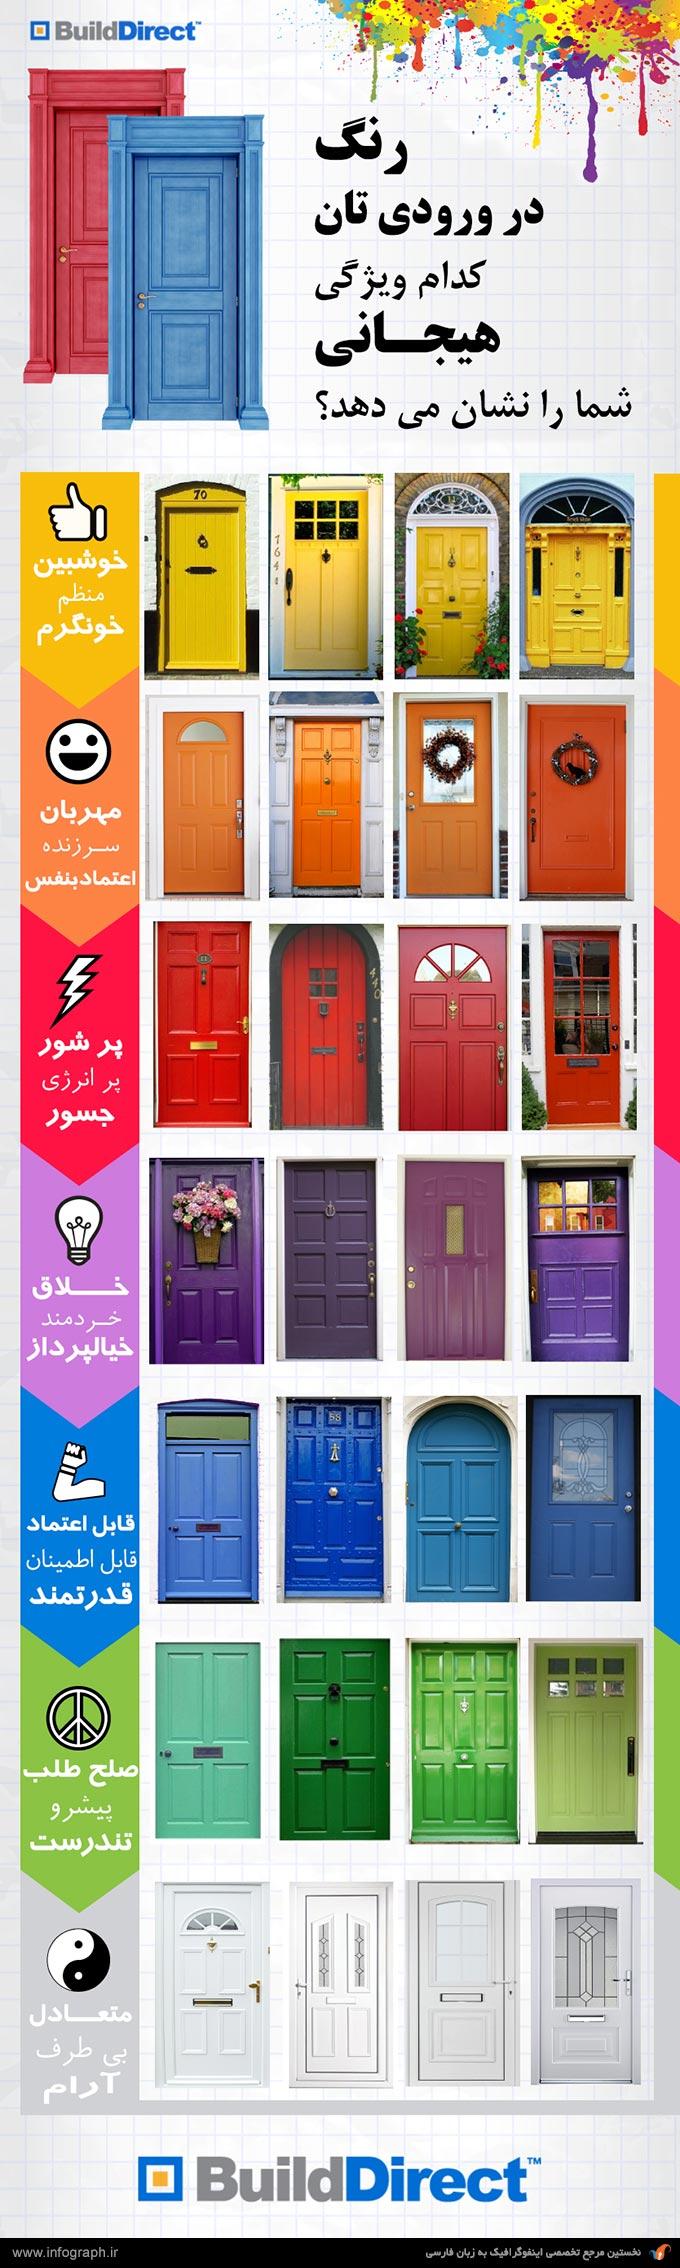 اینفوگرافیک ویژگی هیجانی با توجه به رنگ در خانه